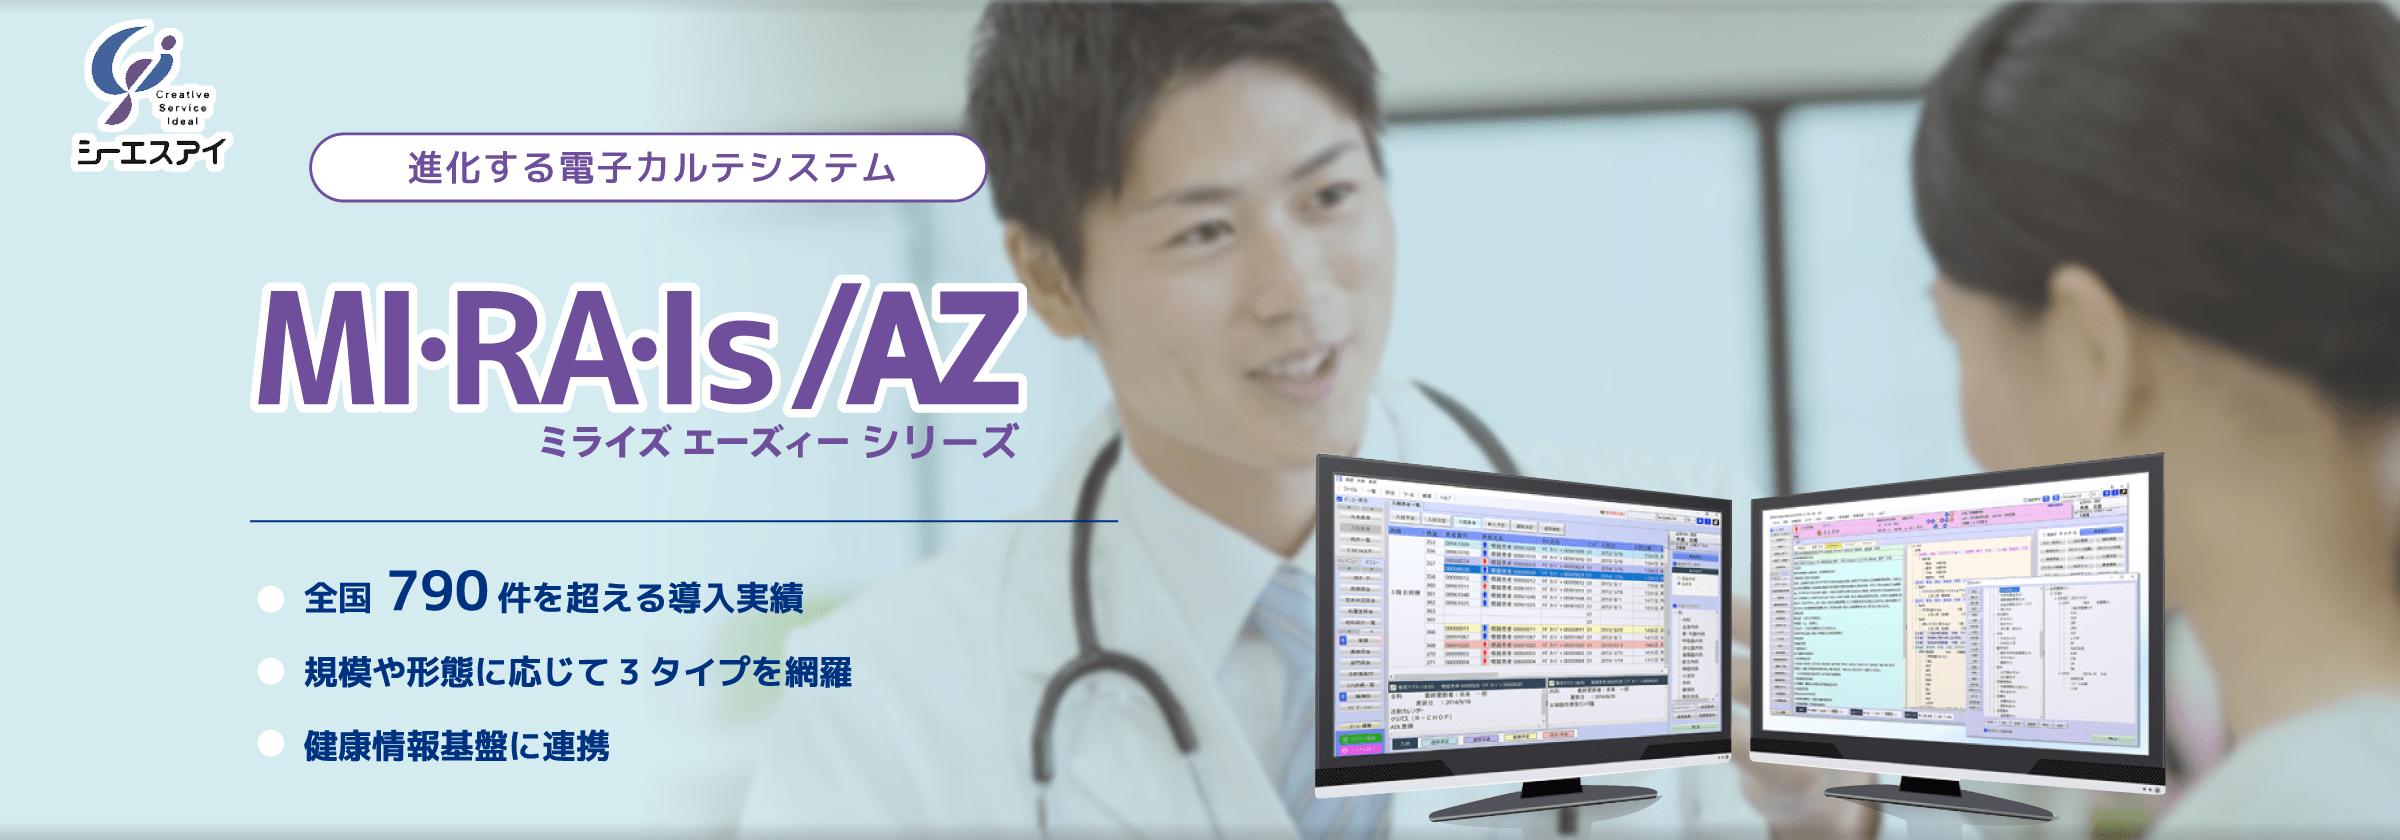 進化する電子カルテシステムMI・RA・Is/AZ